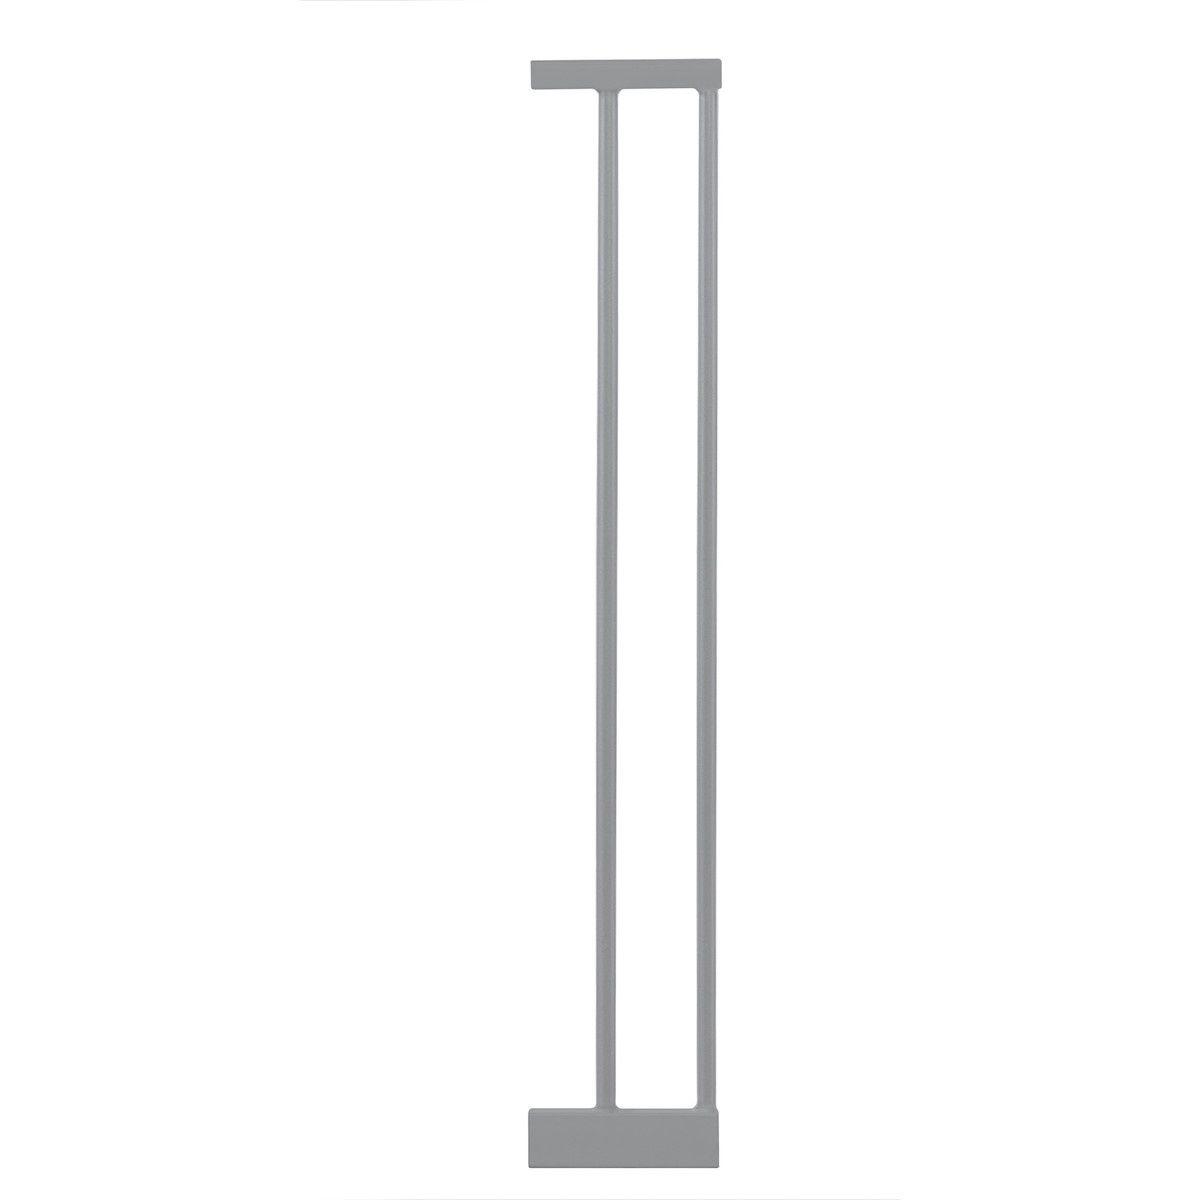 Extensão da grade - Designer easyclose 14cm